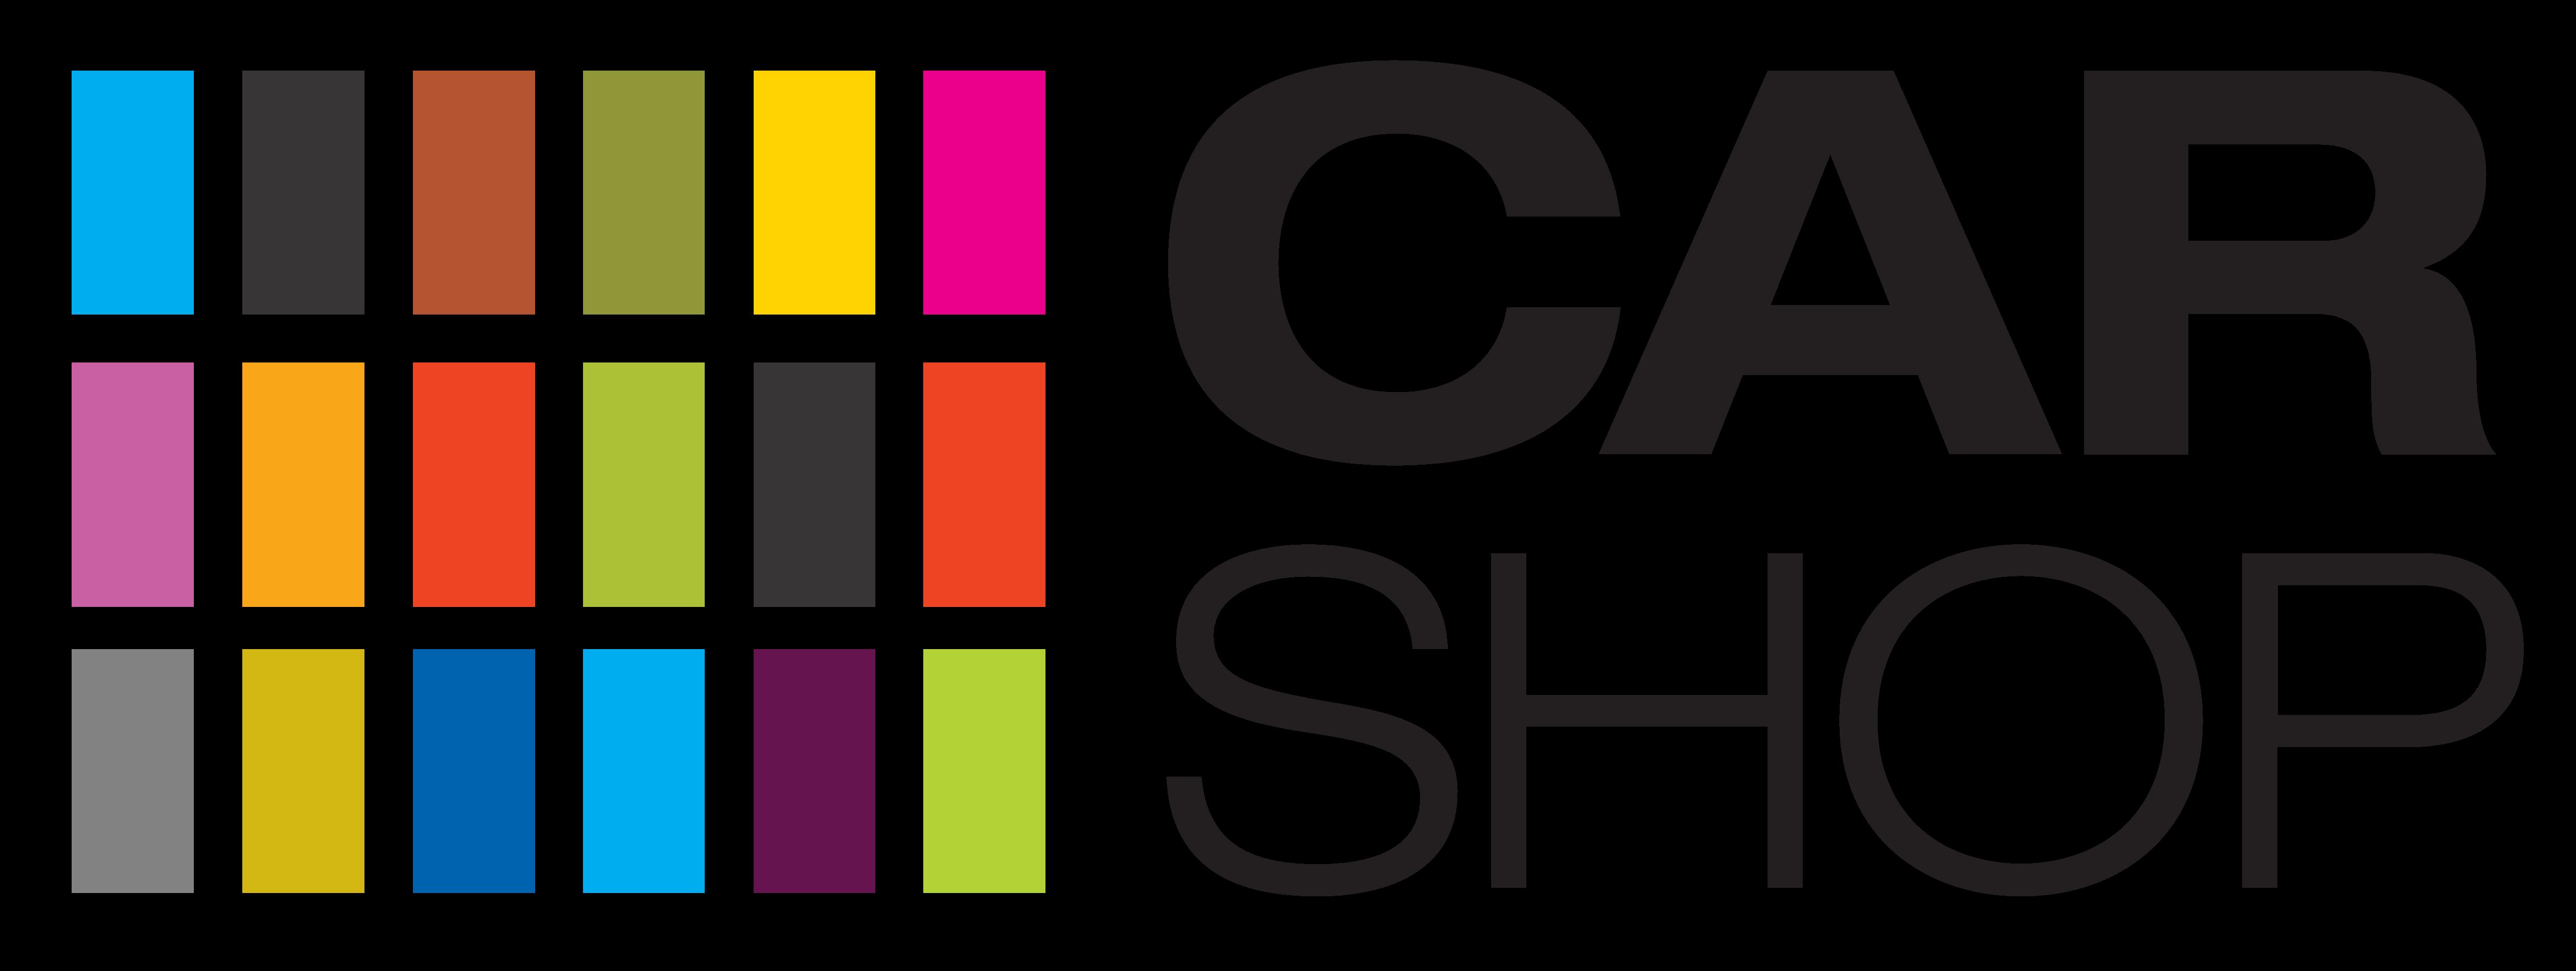 CarShop – Logos Download